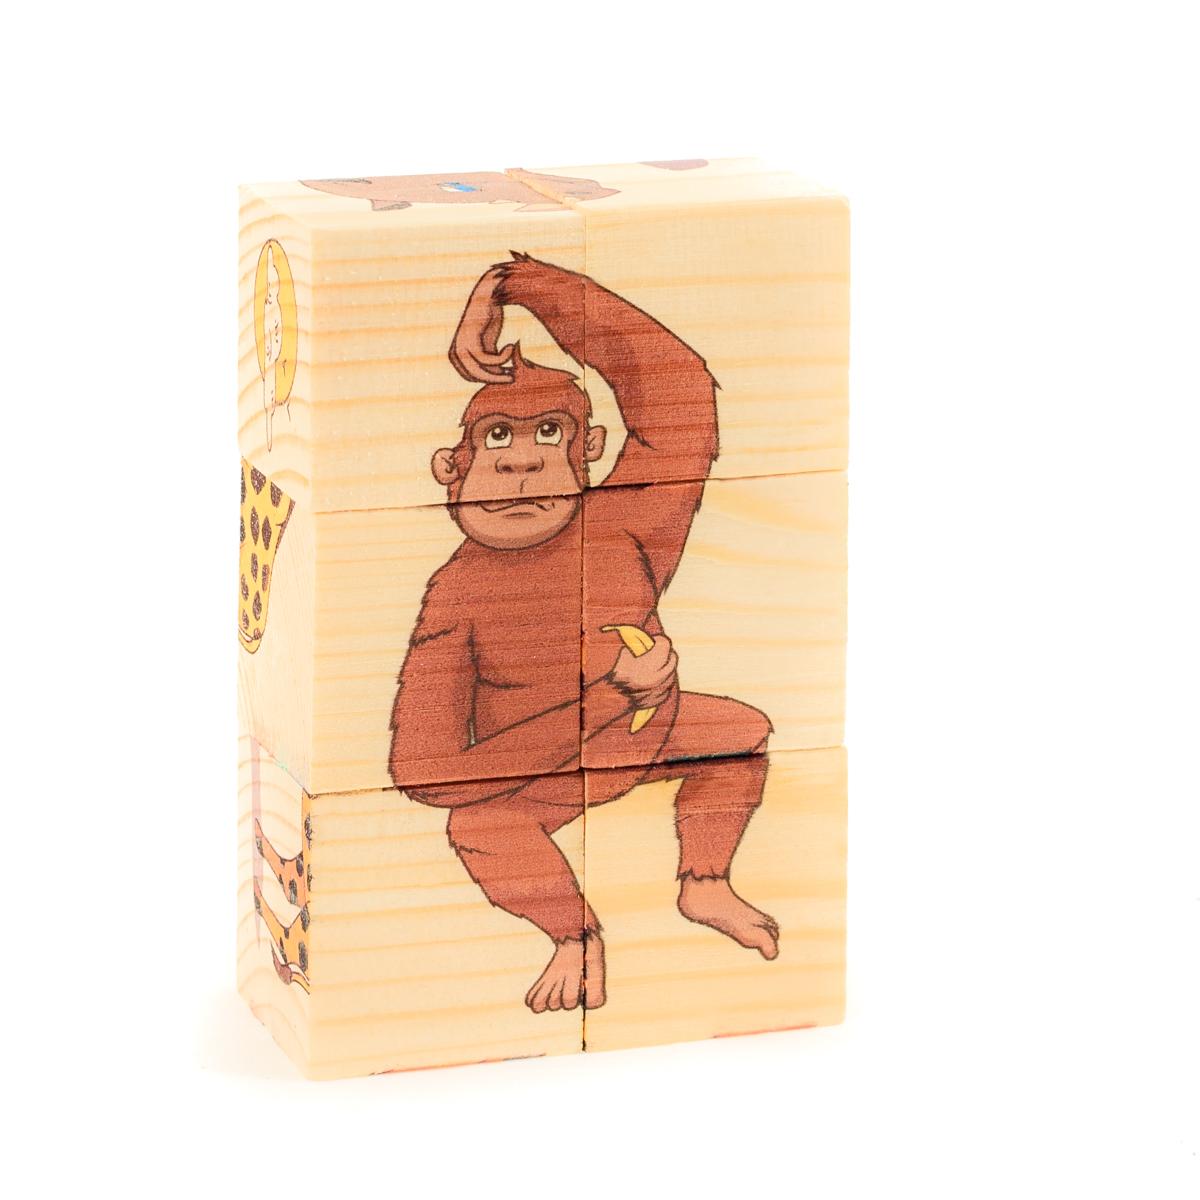 Развивающие деревянные игрушки Кубики ЖивотныеД487аКубики из натурального дерева - любимая игрушка каждого ребенка. Кубики обожают дети. Игру с кубиками в детстве с удовольствием и теплом вспоминают взрослые. Для кубиков серии Развивающие деревянные игрушки используется только натуральное отечественное дерево мягких пород с минимальной обработкой, что позволило максимально сохранить ощущение фактуры дерева и его аромата. Яркие, контрастные и понятные ребенку иллюстрации нанесены экологичными красками. Кубики из дерева - не только прекрасный строительный материал для вполощения детских фантазий, но и удобное пособие для развития зрительной памяти, логики и мелкой моторики у детей. Объясните ребенку, что на каждой грани кубика нанесена часть картинки, а если 4 картинки собрать вместе, получится изображение. Покажите ему пример. С помощью набора Собери рисунок. Кубики-пазл. ДИКИЕ ЖИВОТНЫЕ можно собрать 6 разных изображений диких животных. ВНИМАНИЕ! Детали игрушки выполнены из натурального дерева (деревоматериала) без покрытия...